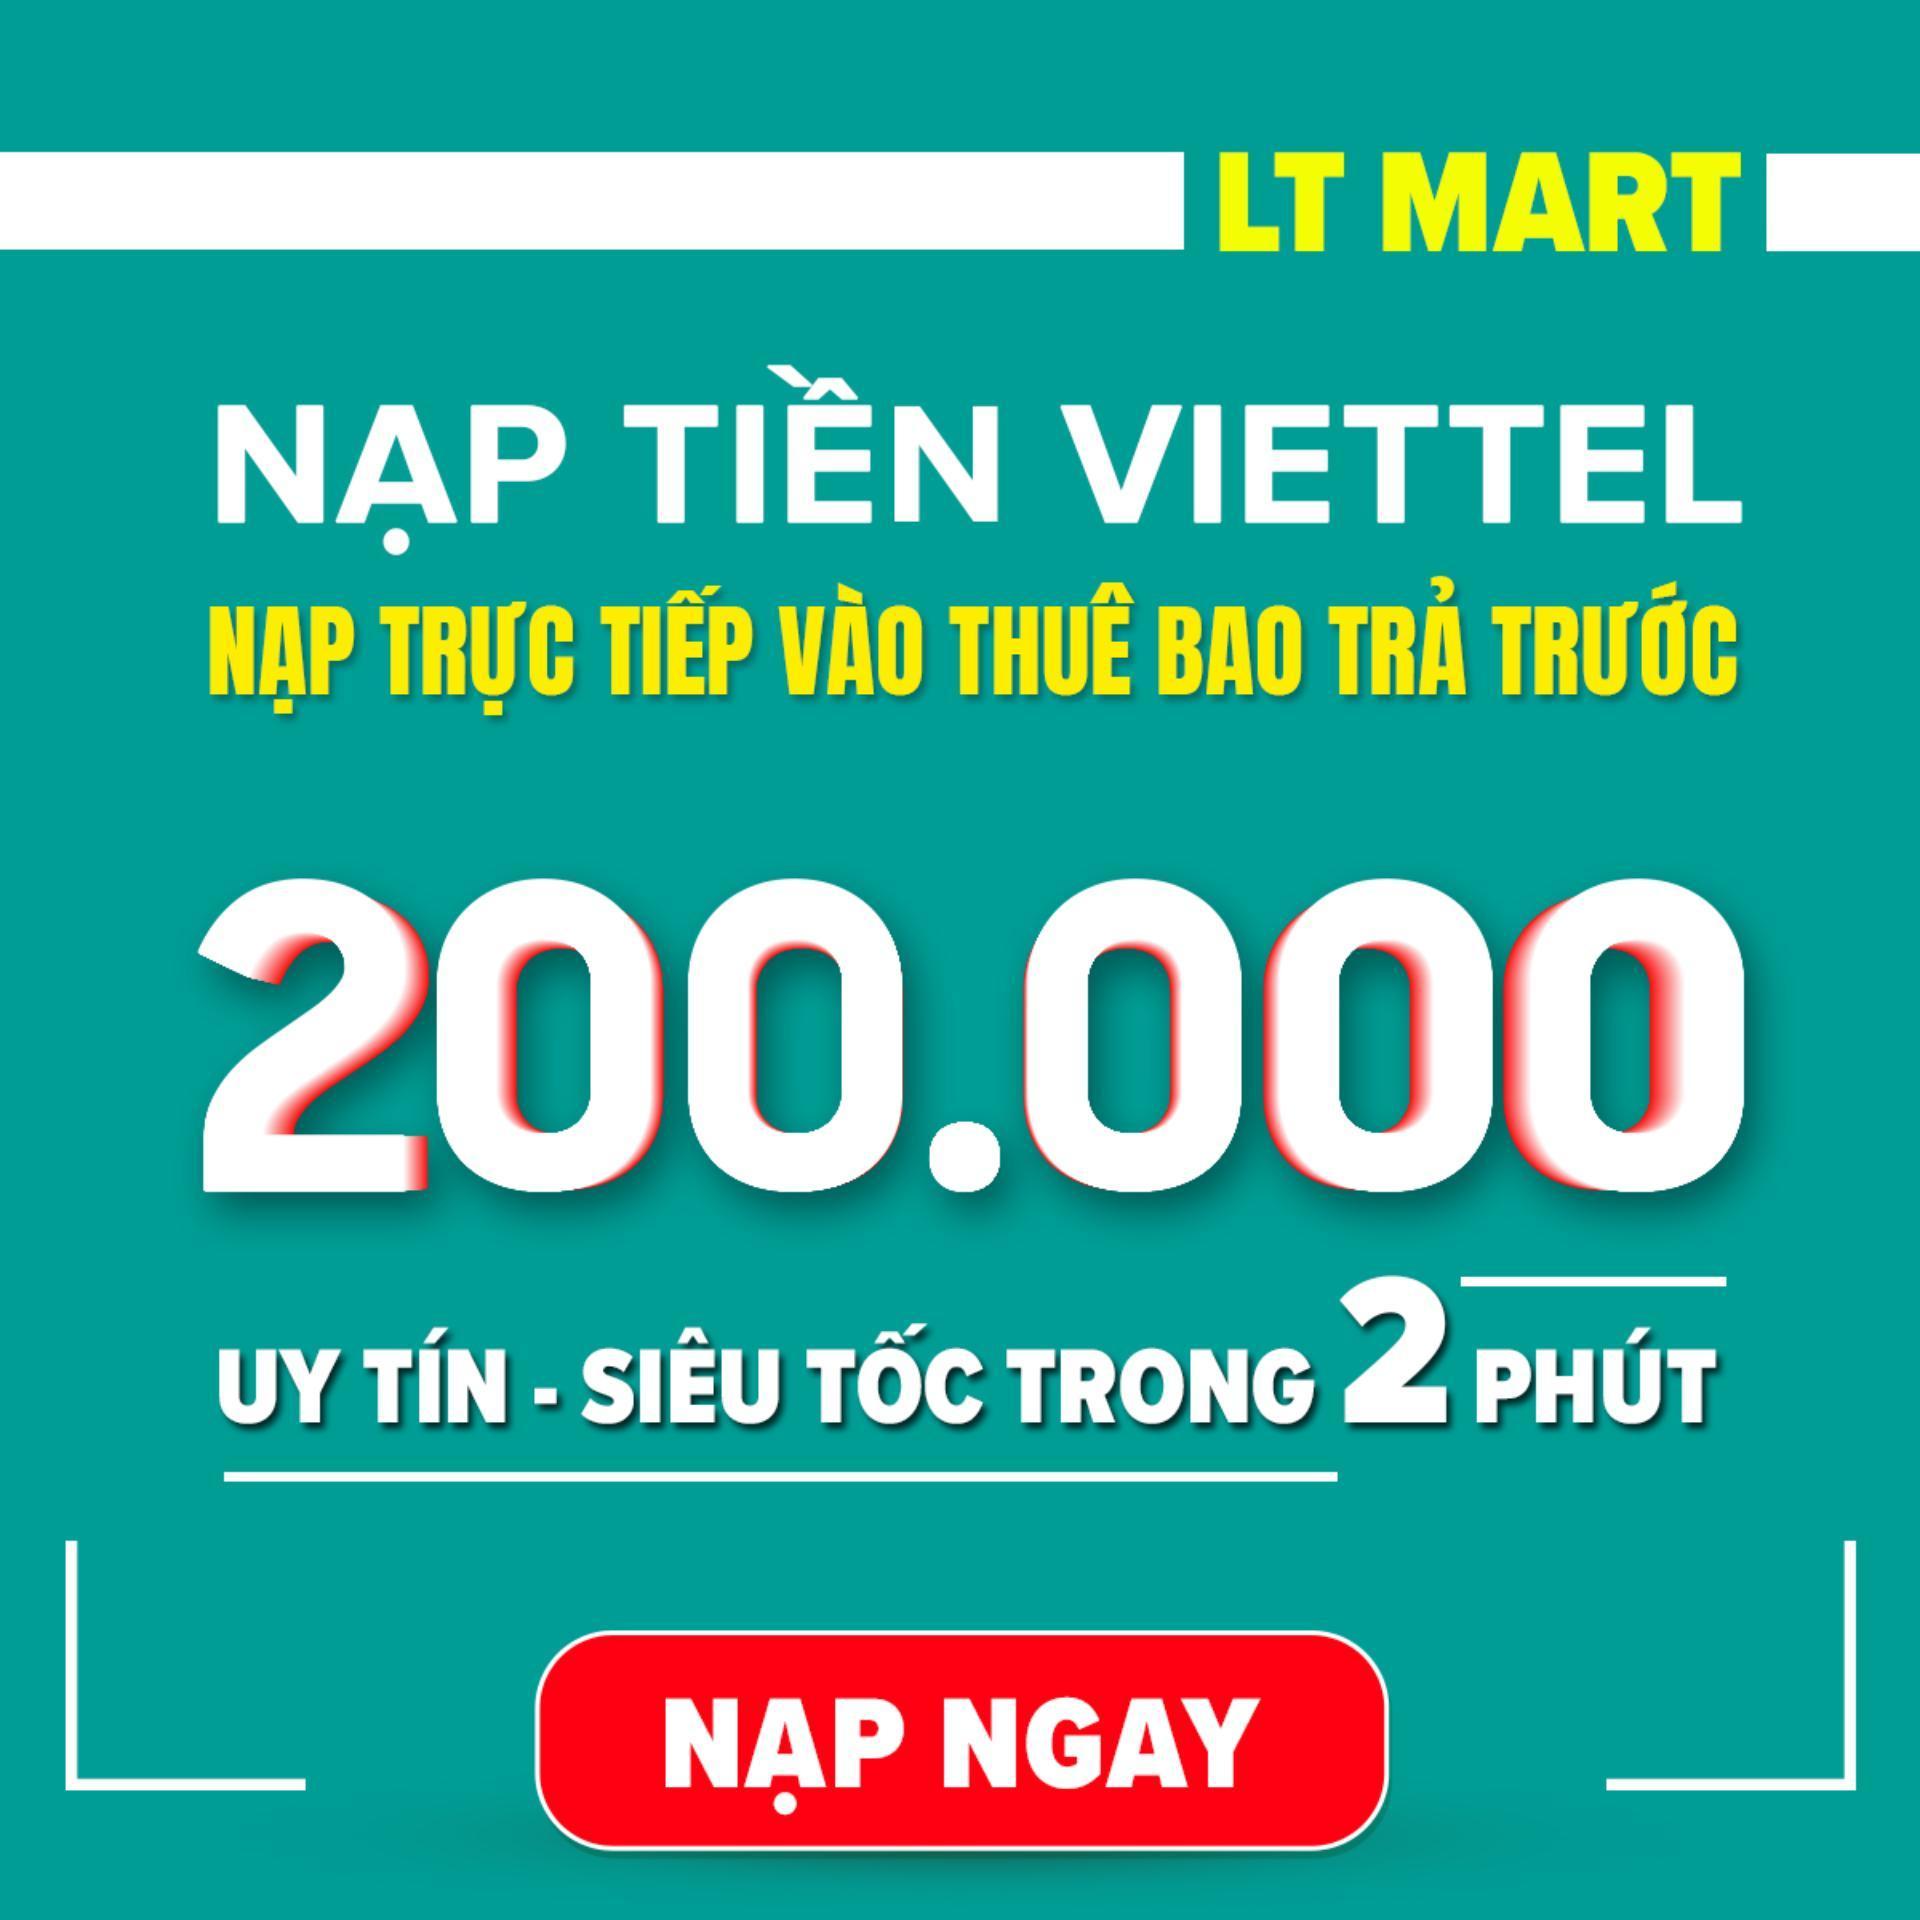 Nạp tiền Viettel 200.000 cho thuê bao trả trước (Nạp tiền trực tiếp vào thuê bao trả trước của Viettel) LTmart - Uy tín thao tác nhanh chóng [Viettel][200000]